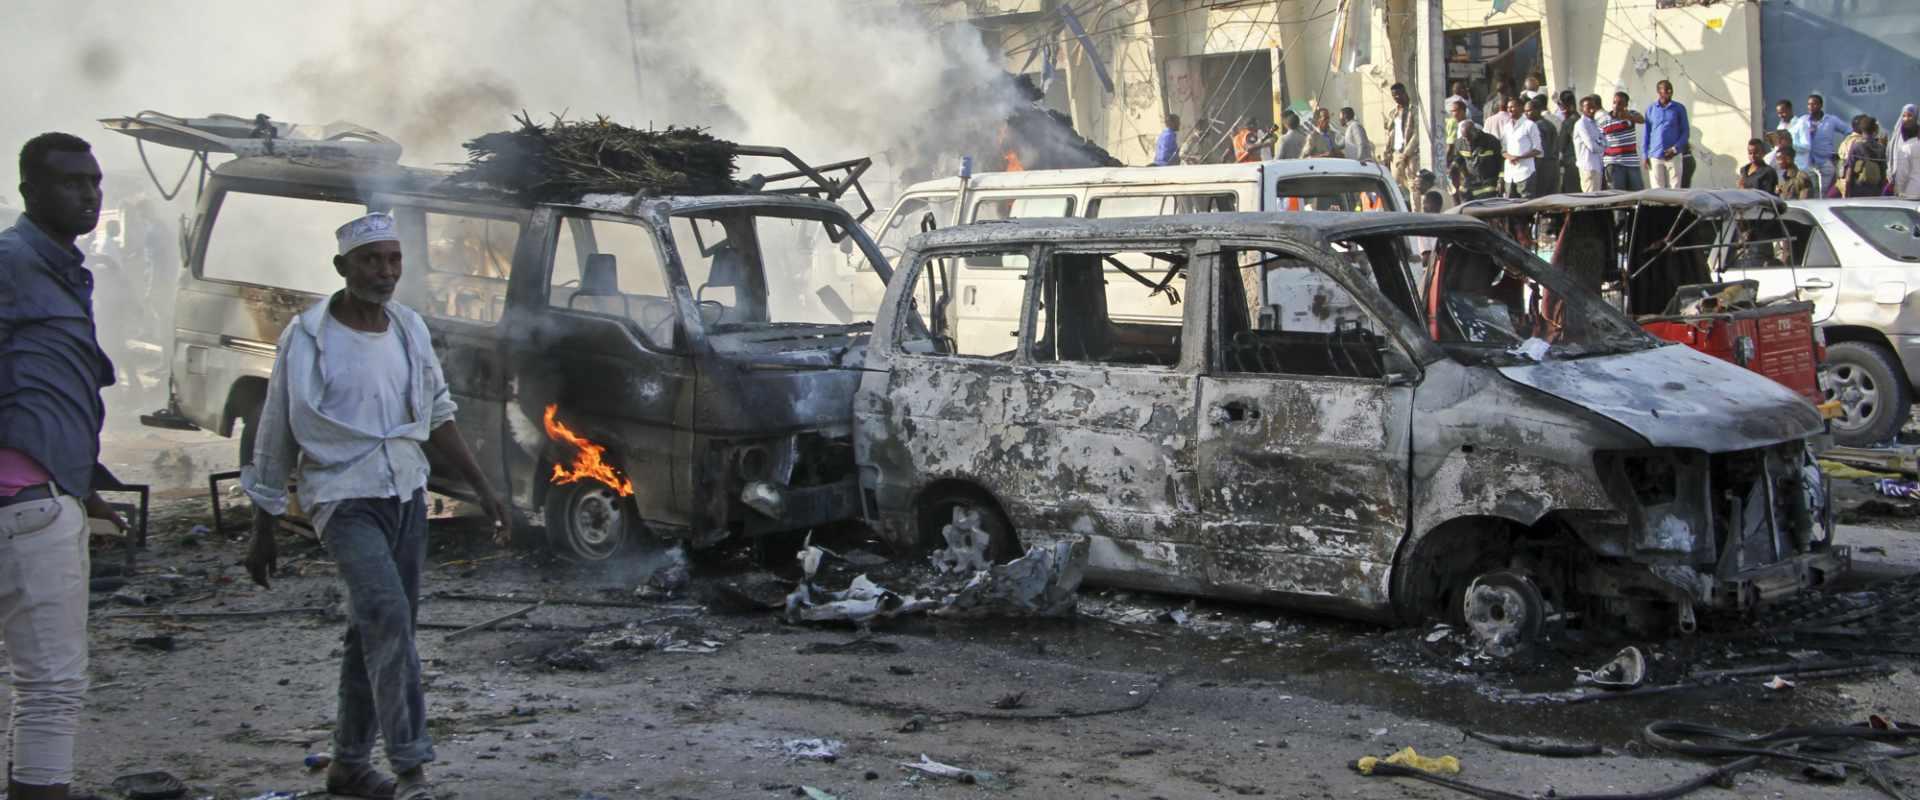 פצועים בפיגוע בסומליה